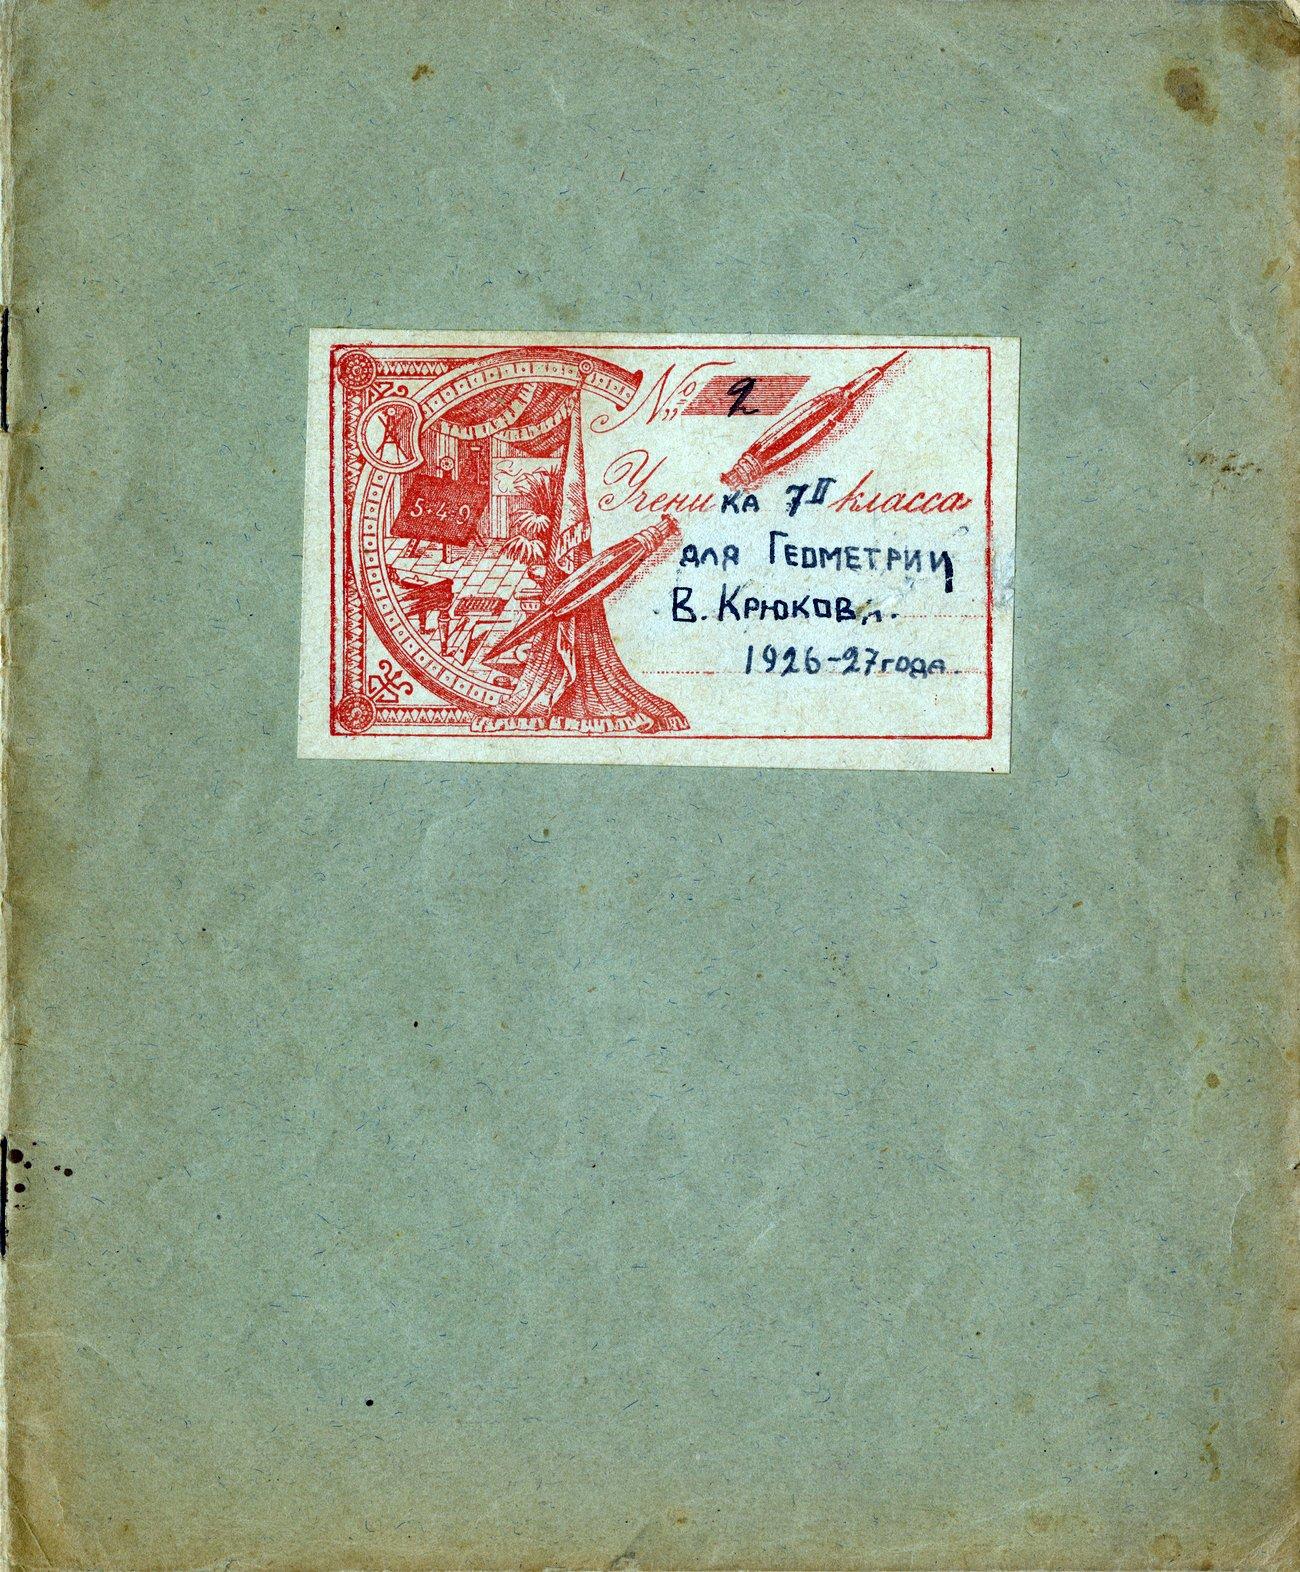 Тетрадь № 2 для геометрии Крюкова, 1926-27, 175х215